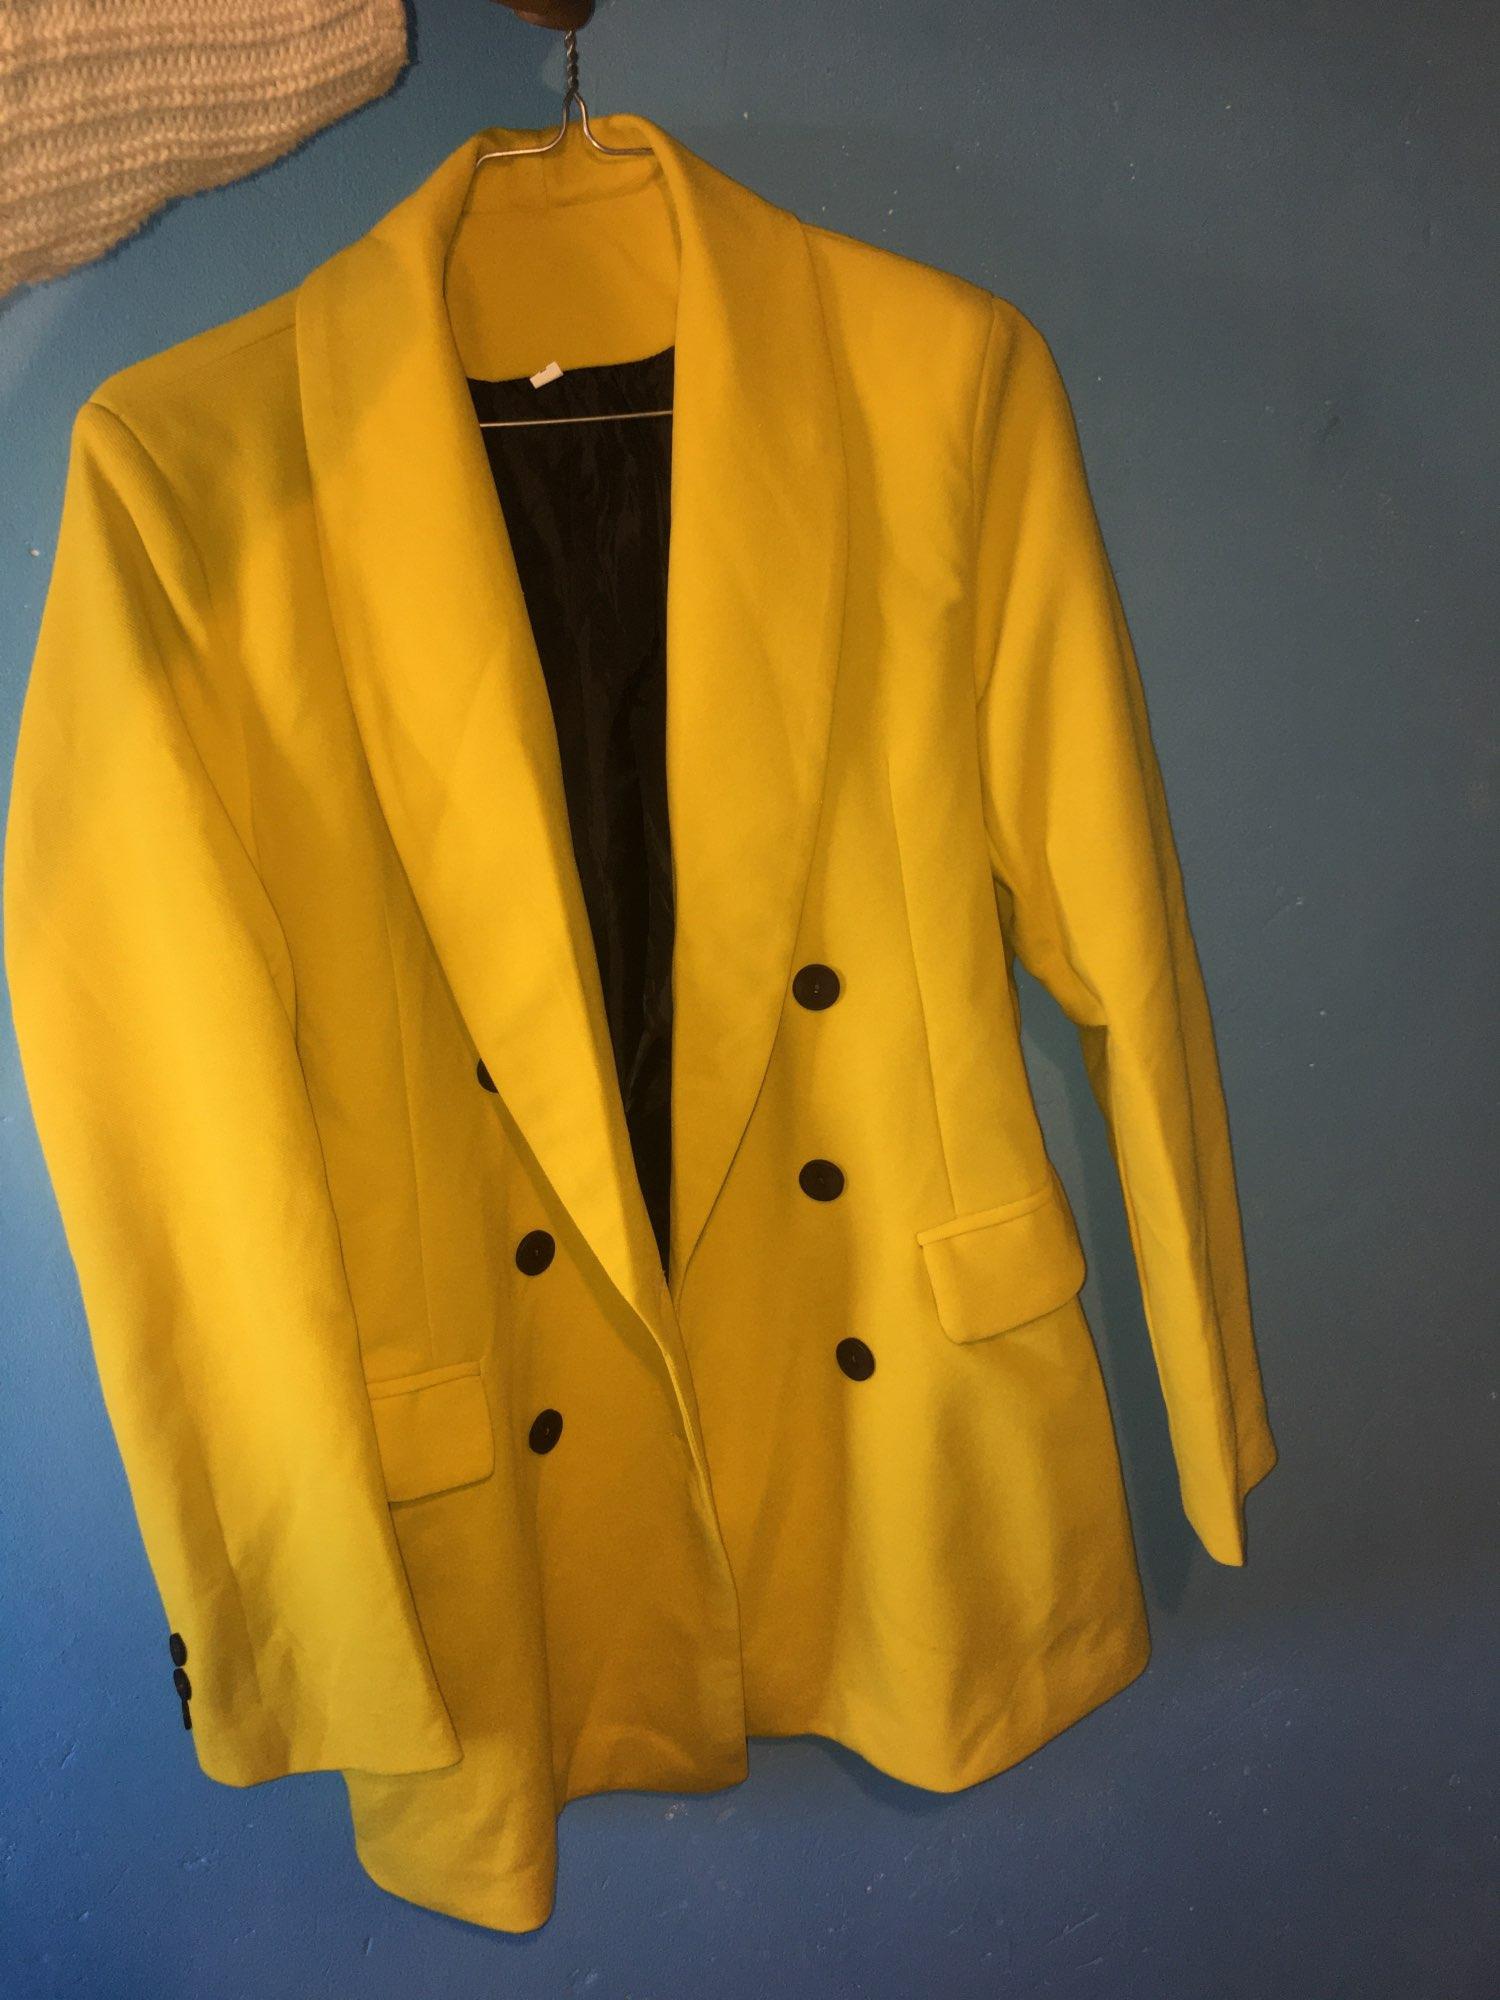 Purple Pants Suit Women Office Lady Blazer Jacket Coat+Pant 2 Piece Set Female 2021 Spring Autumn Elegant Casual Suits Outfits reviews №4 845119